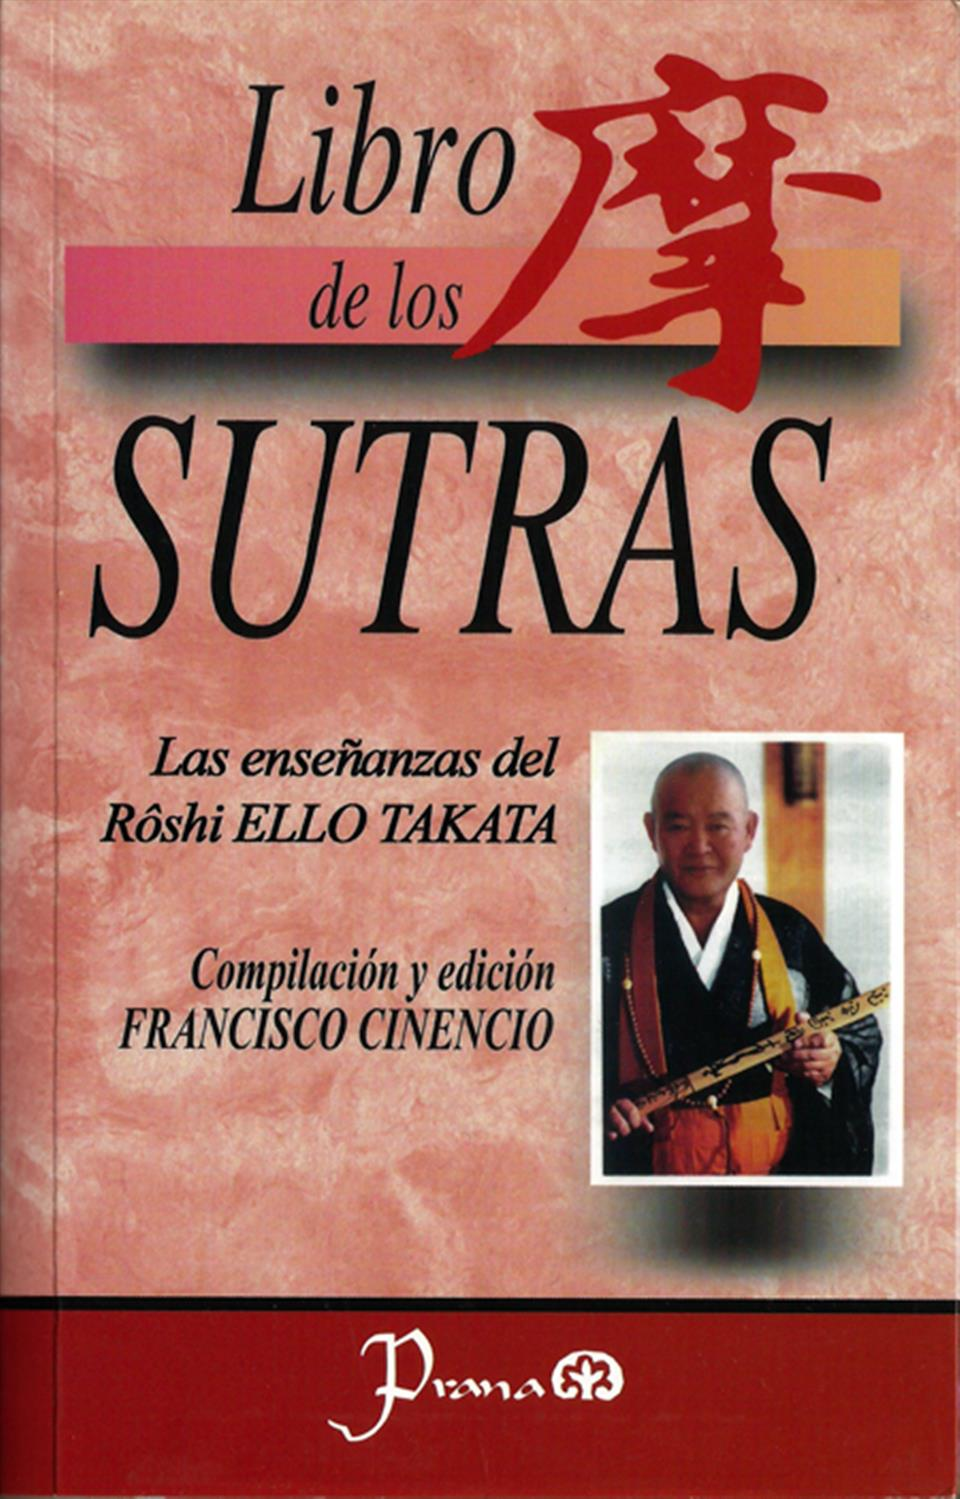 Libro de los Sutras